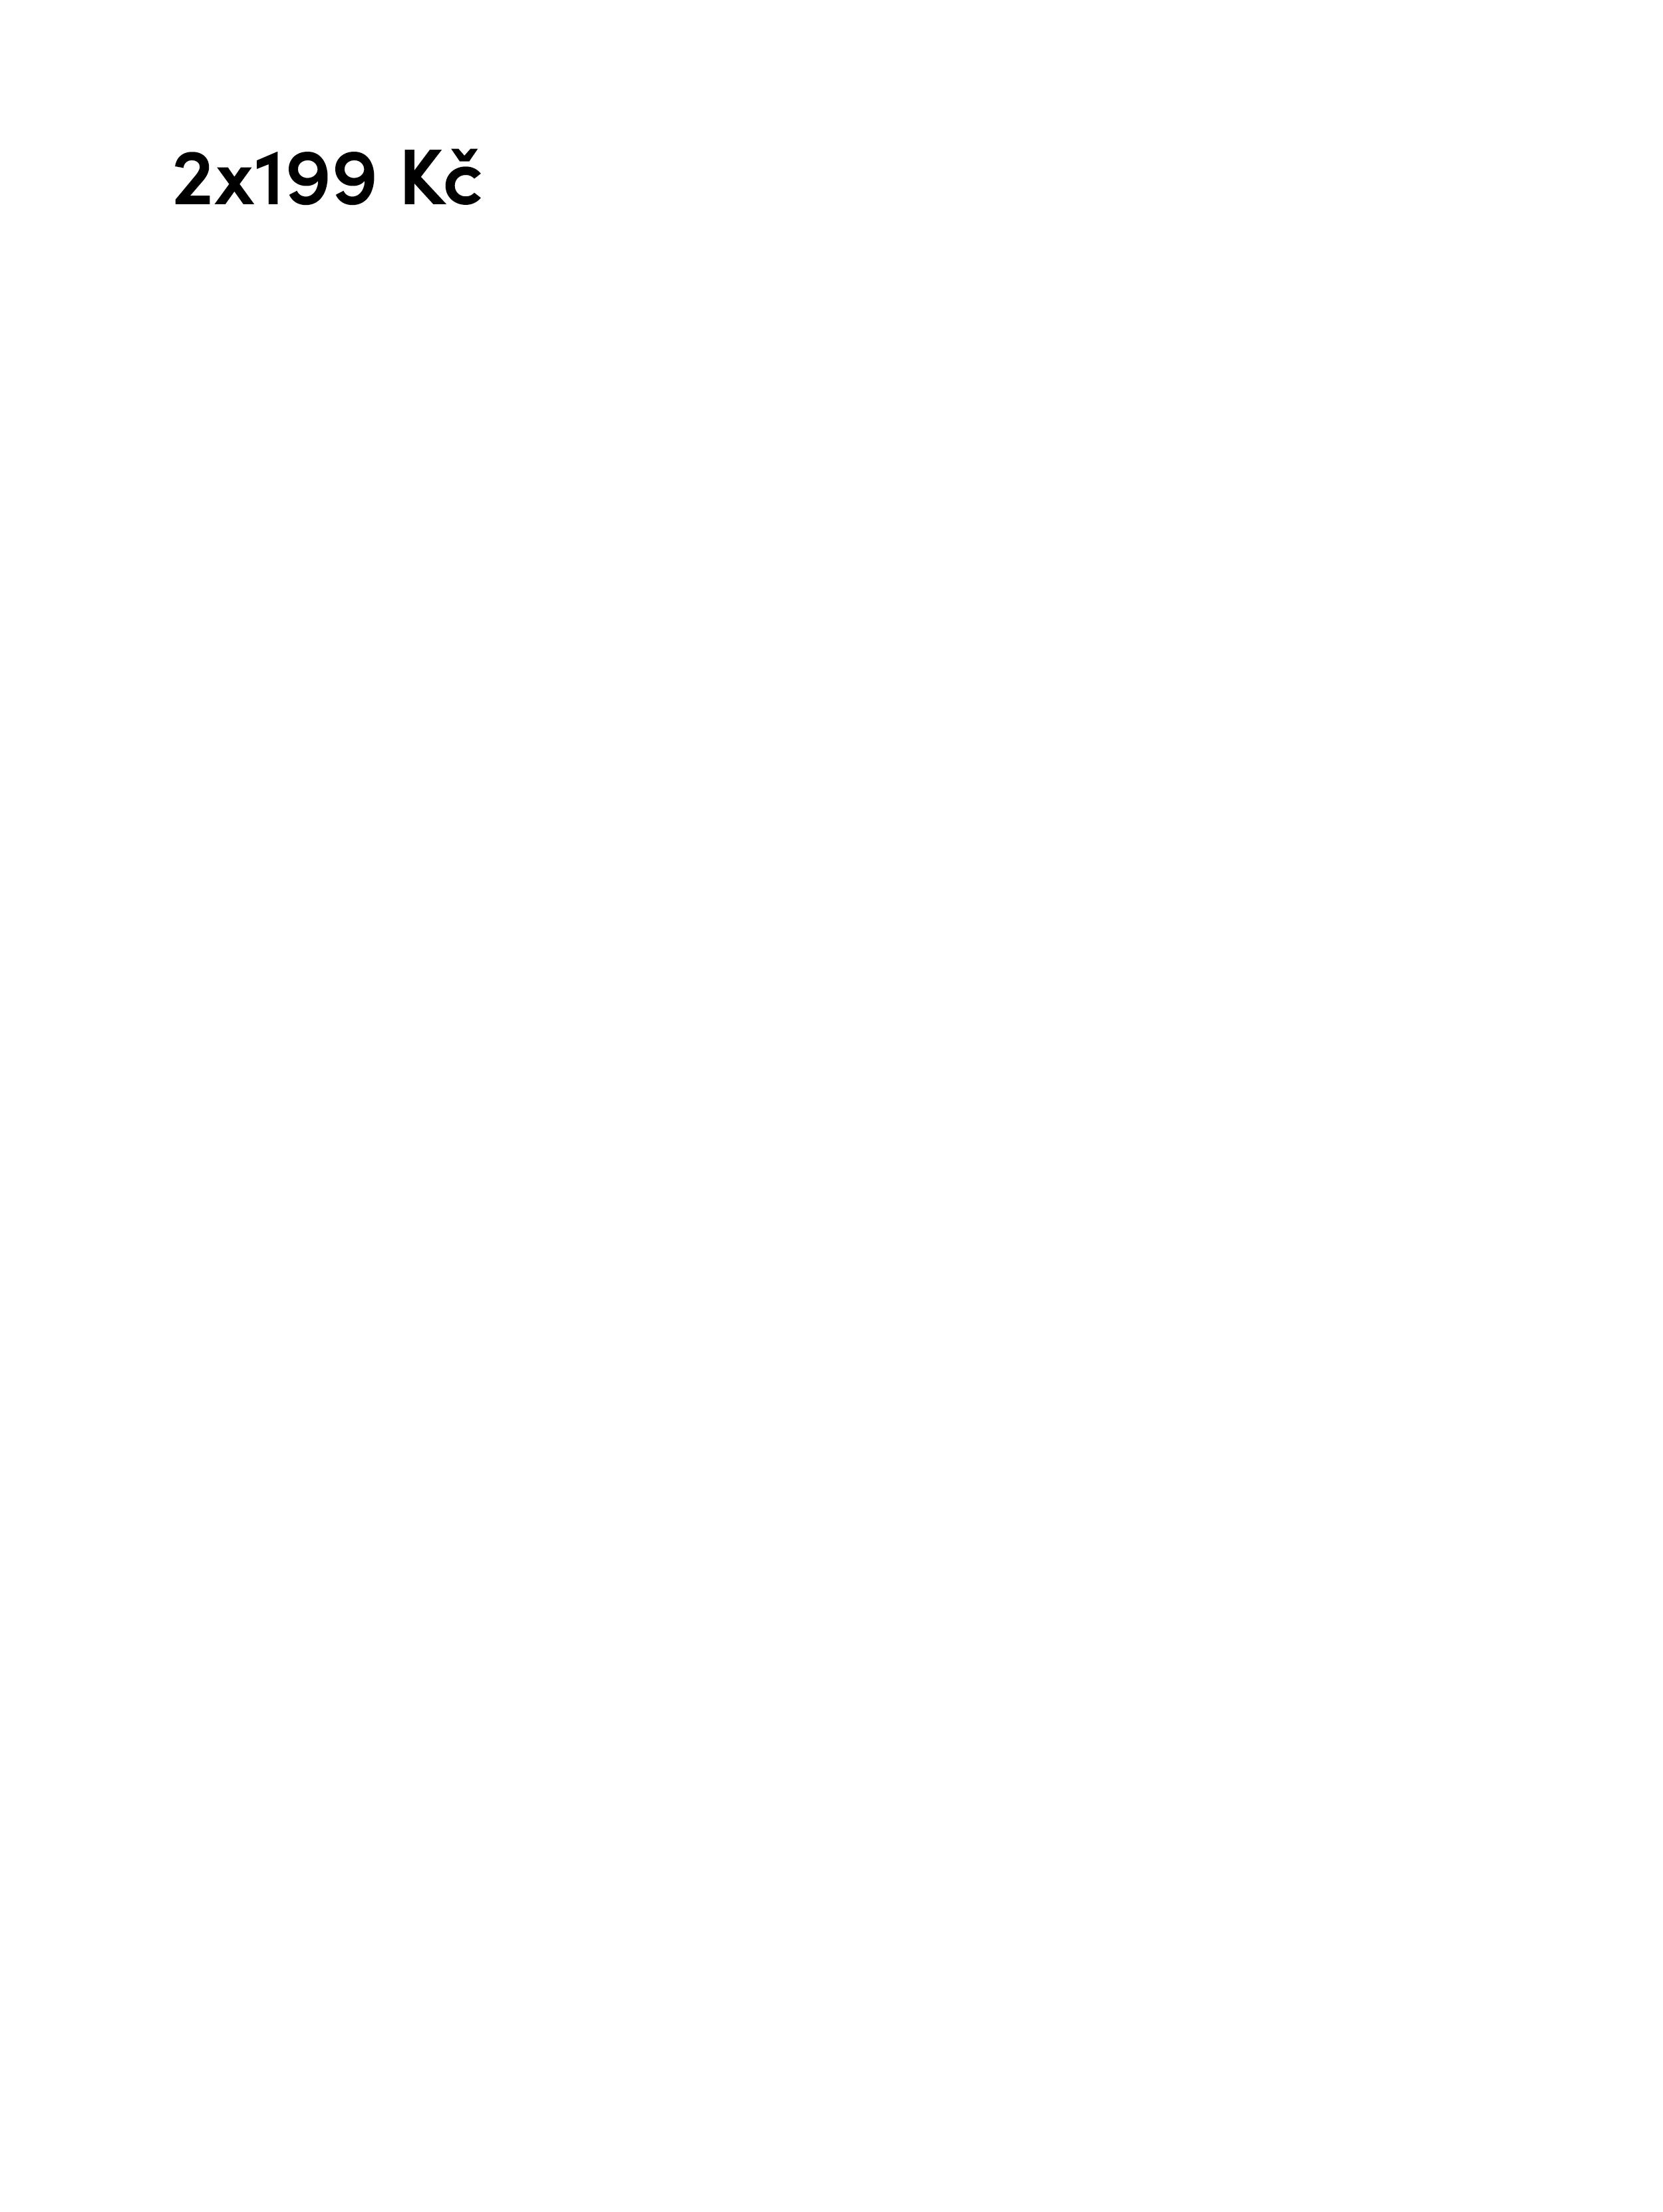 CZ_2x199